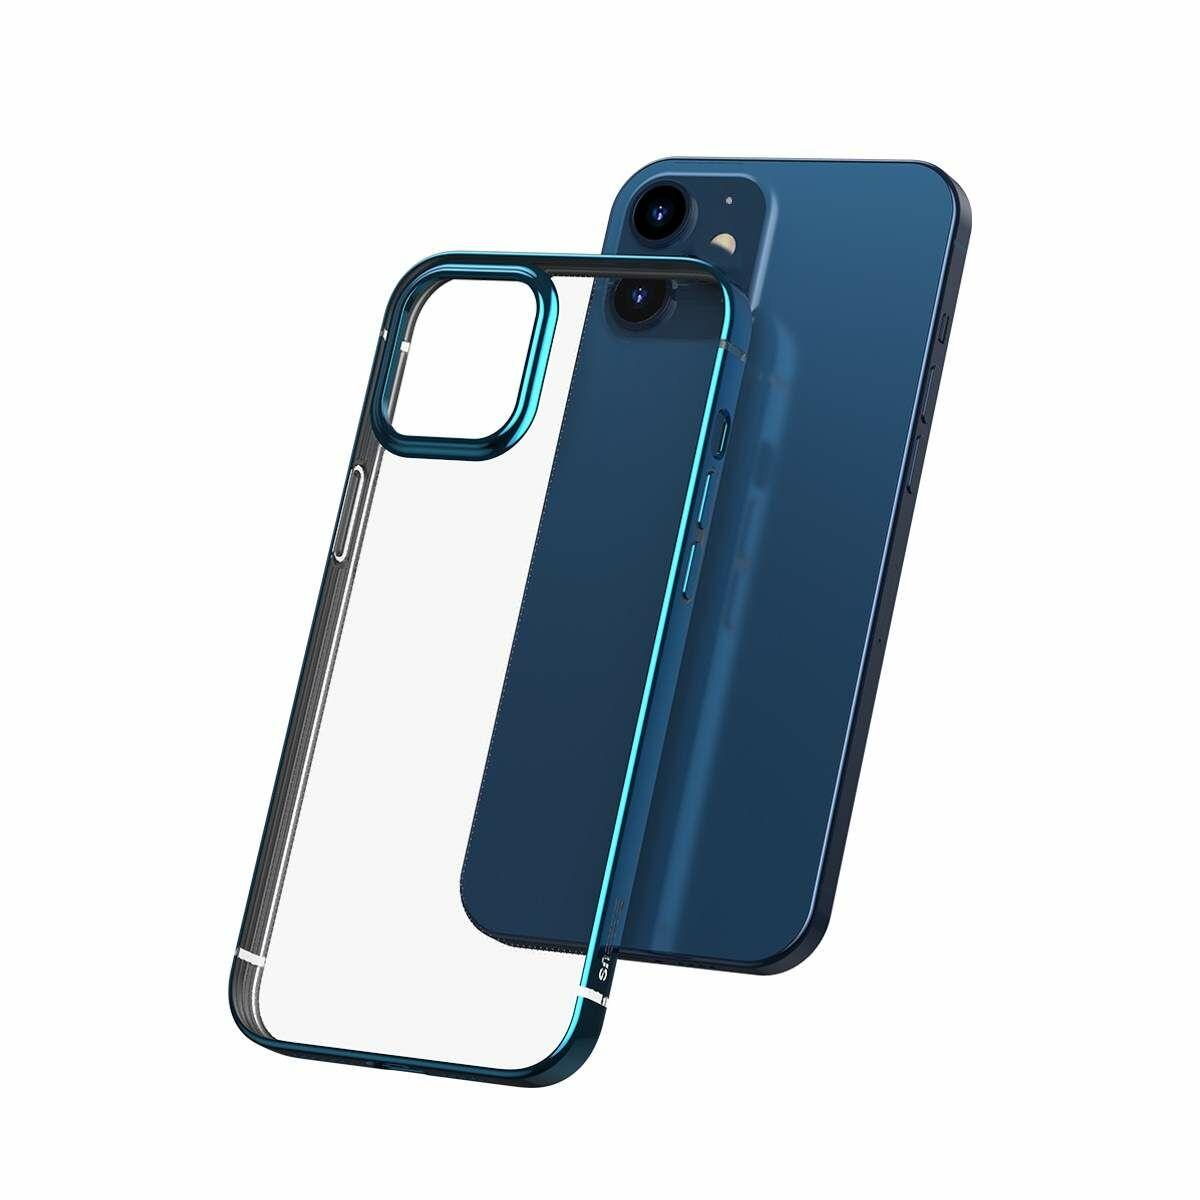 Baseus iPhone 12/12 Pro tok, Shining (esés védelemmel), kék (ARAPIPH61N-MD03)